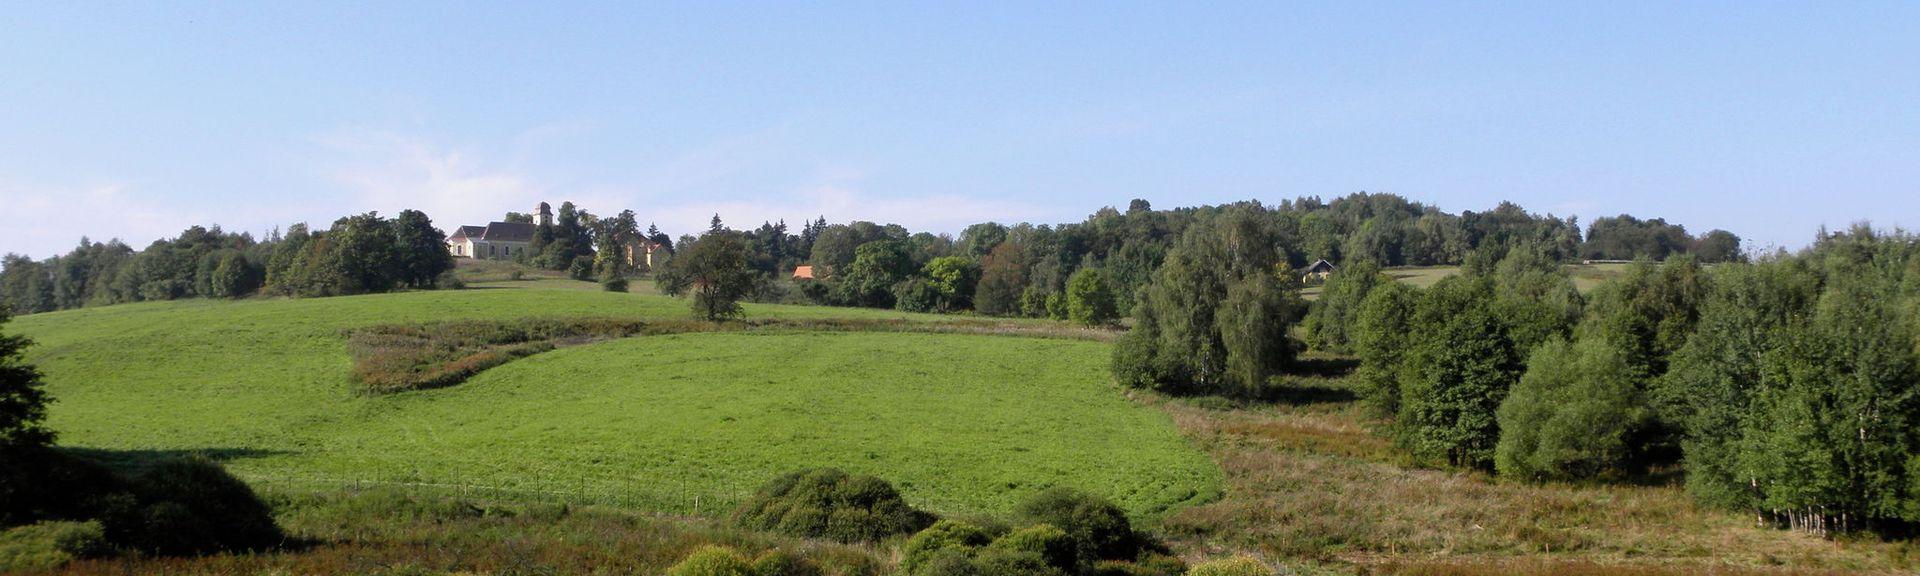 Bor, Plzen (región), República Checa